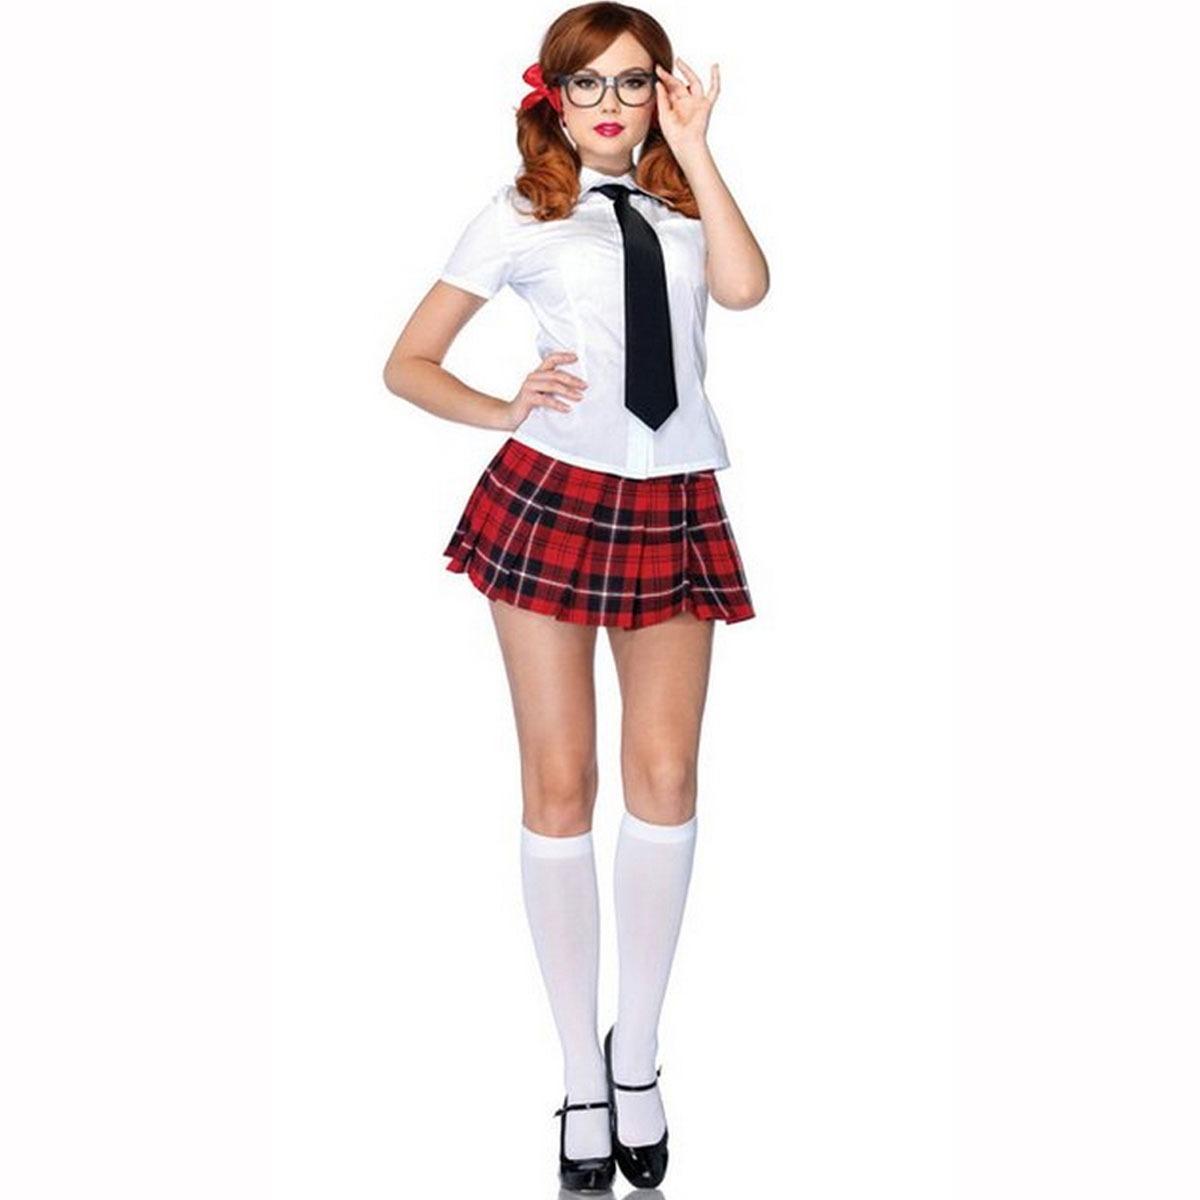 e1108684b Fantasia Estudante Feminina C Saia Xadrez Vermelha E óculos R